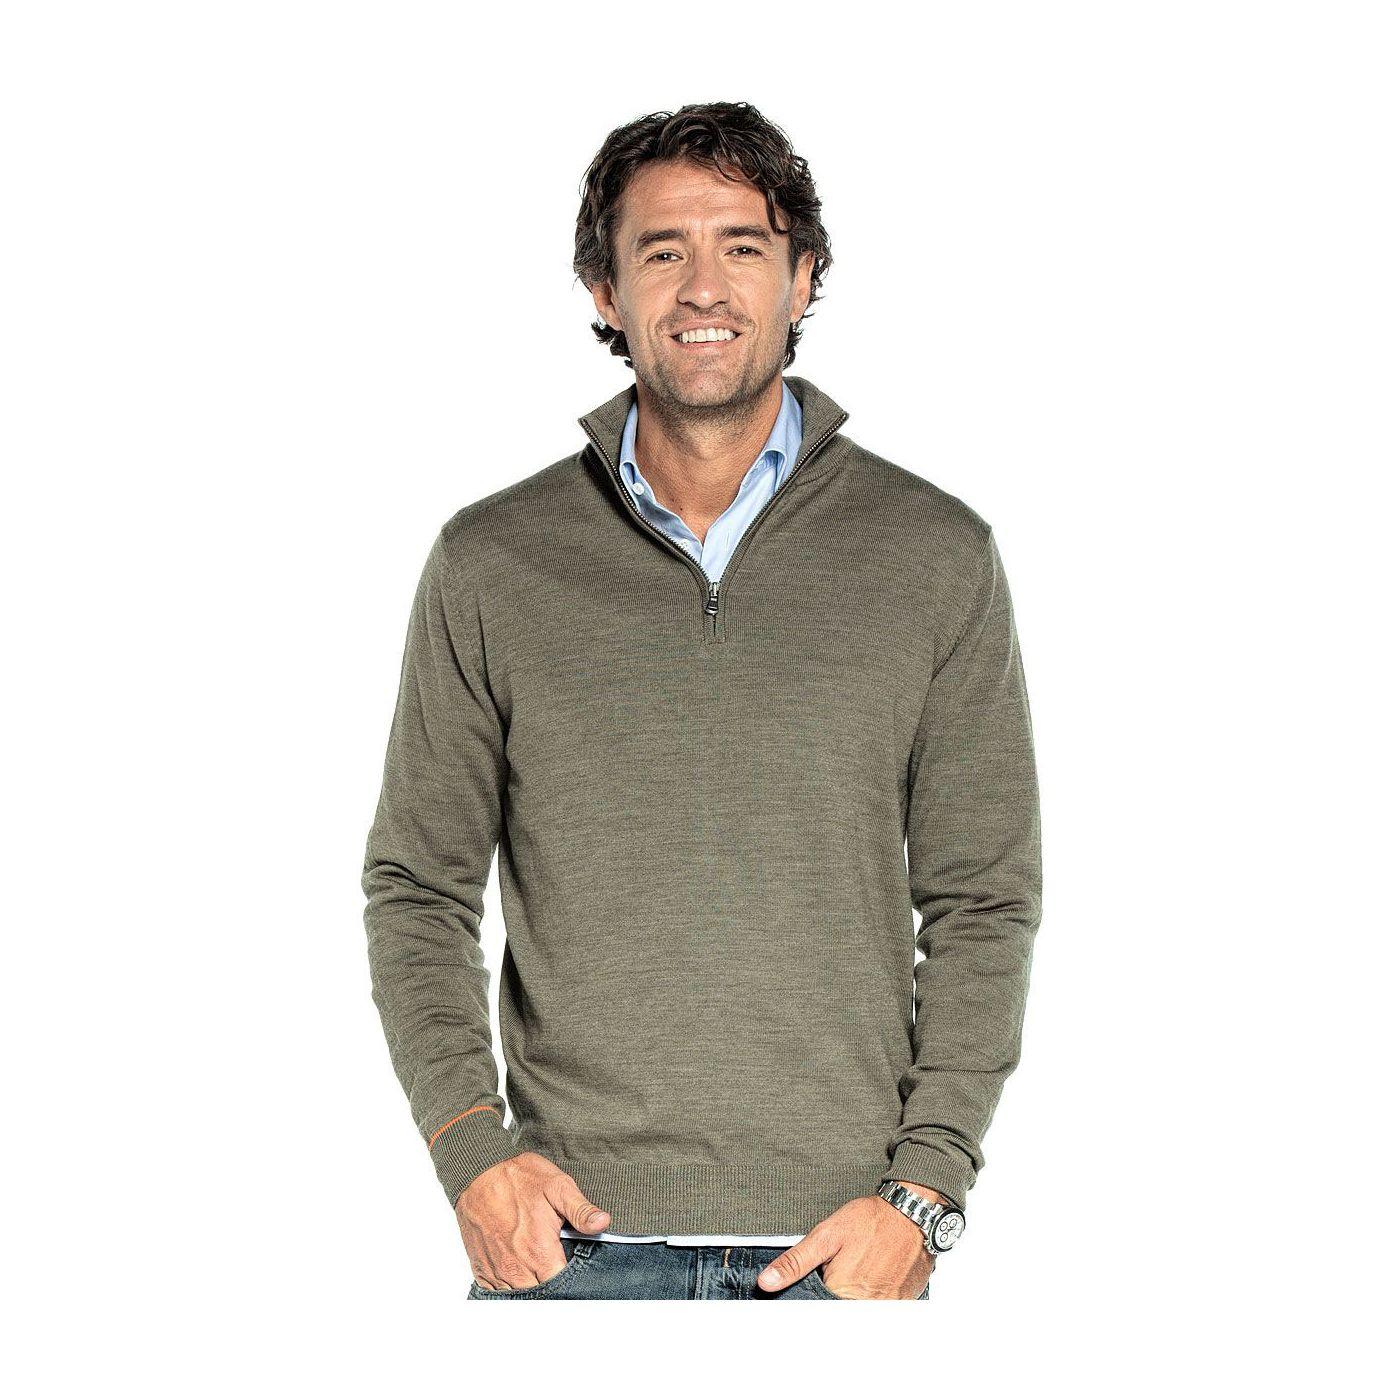 Zip voor mannen gemaakt van merinowol in het Groen